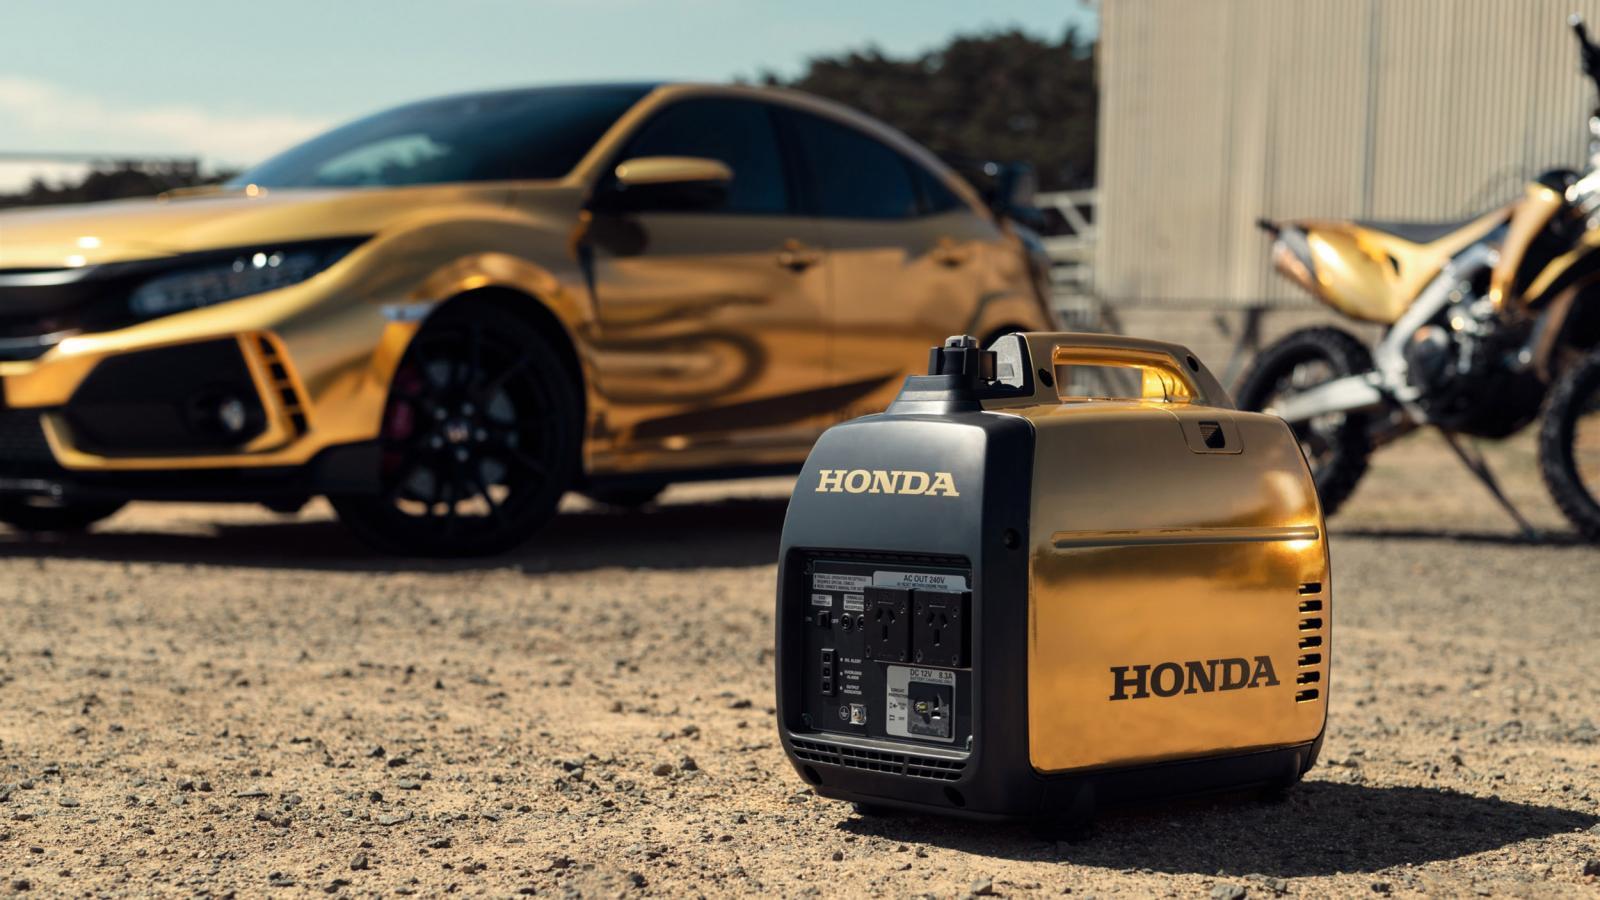 Honda представила в Австралии золотые мотоциклы, газонокосилку и автомобили